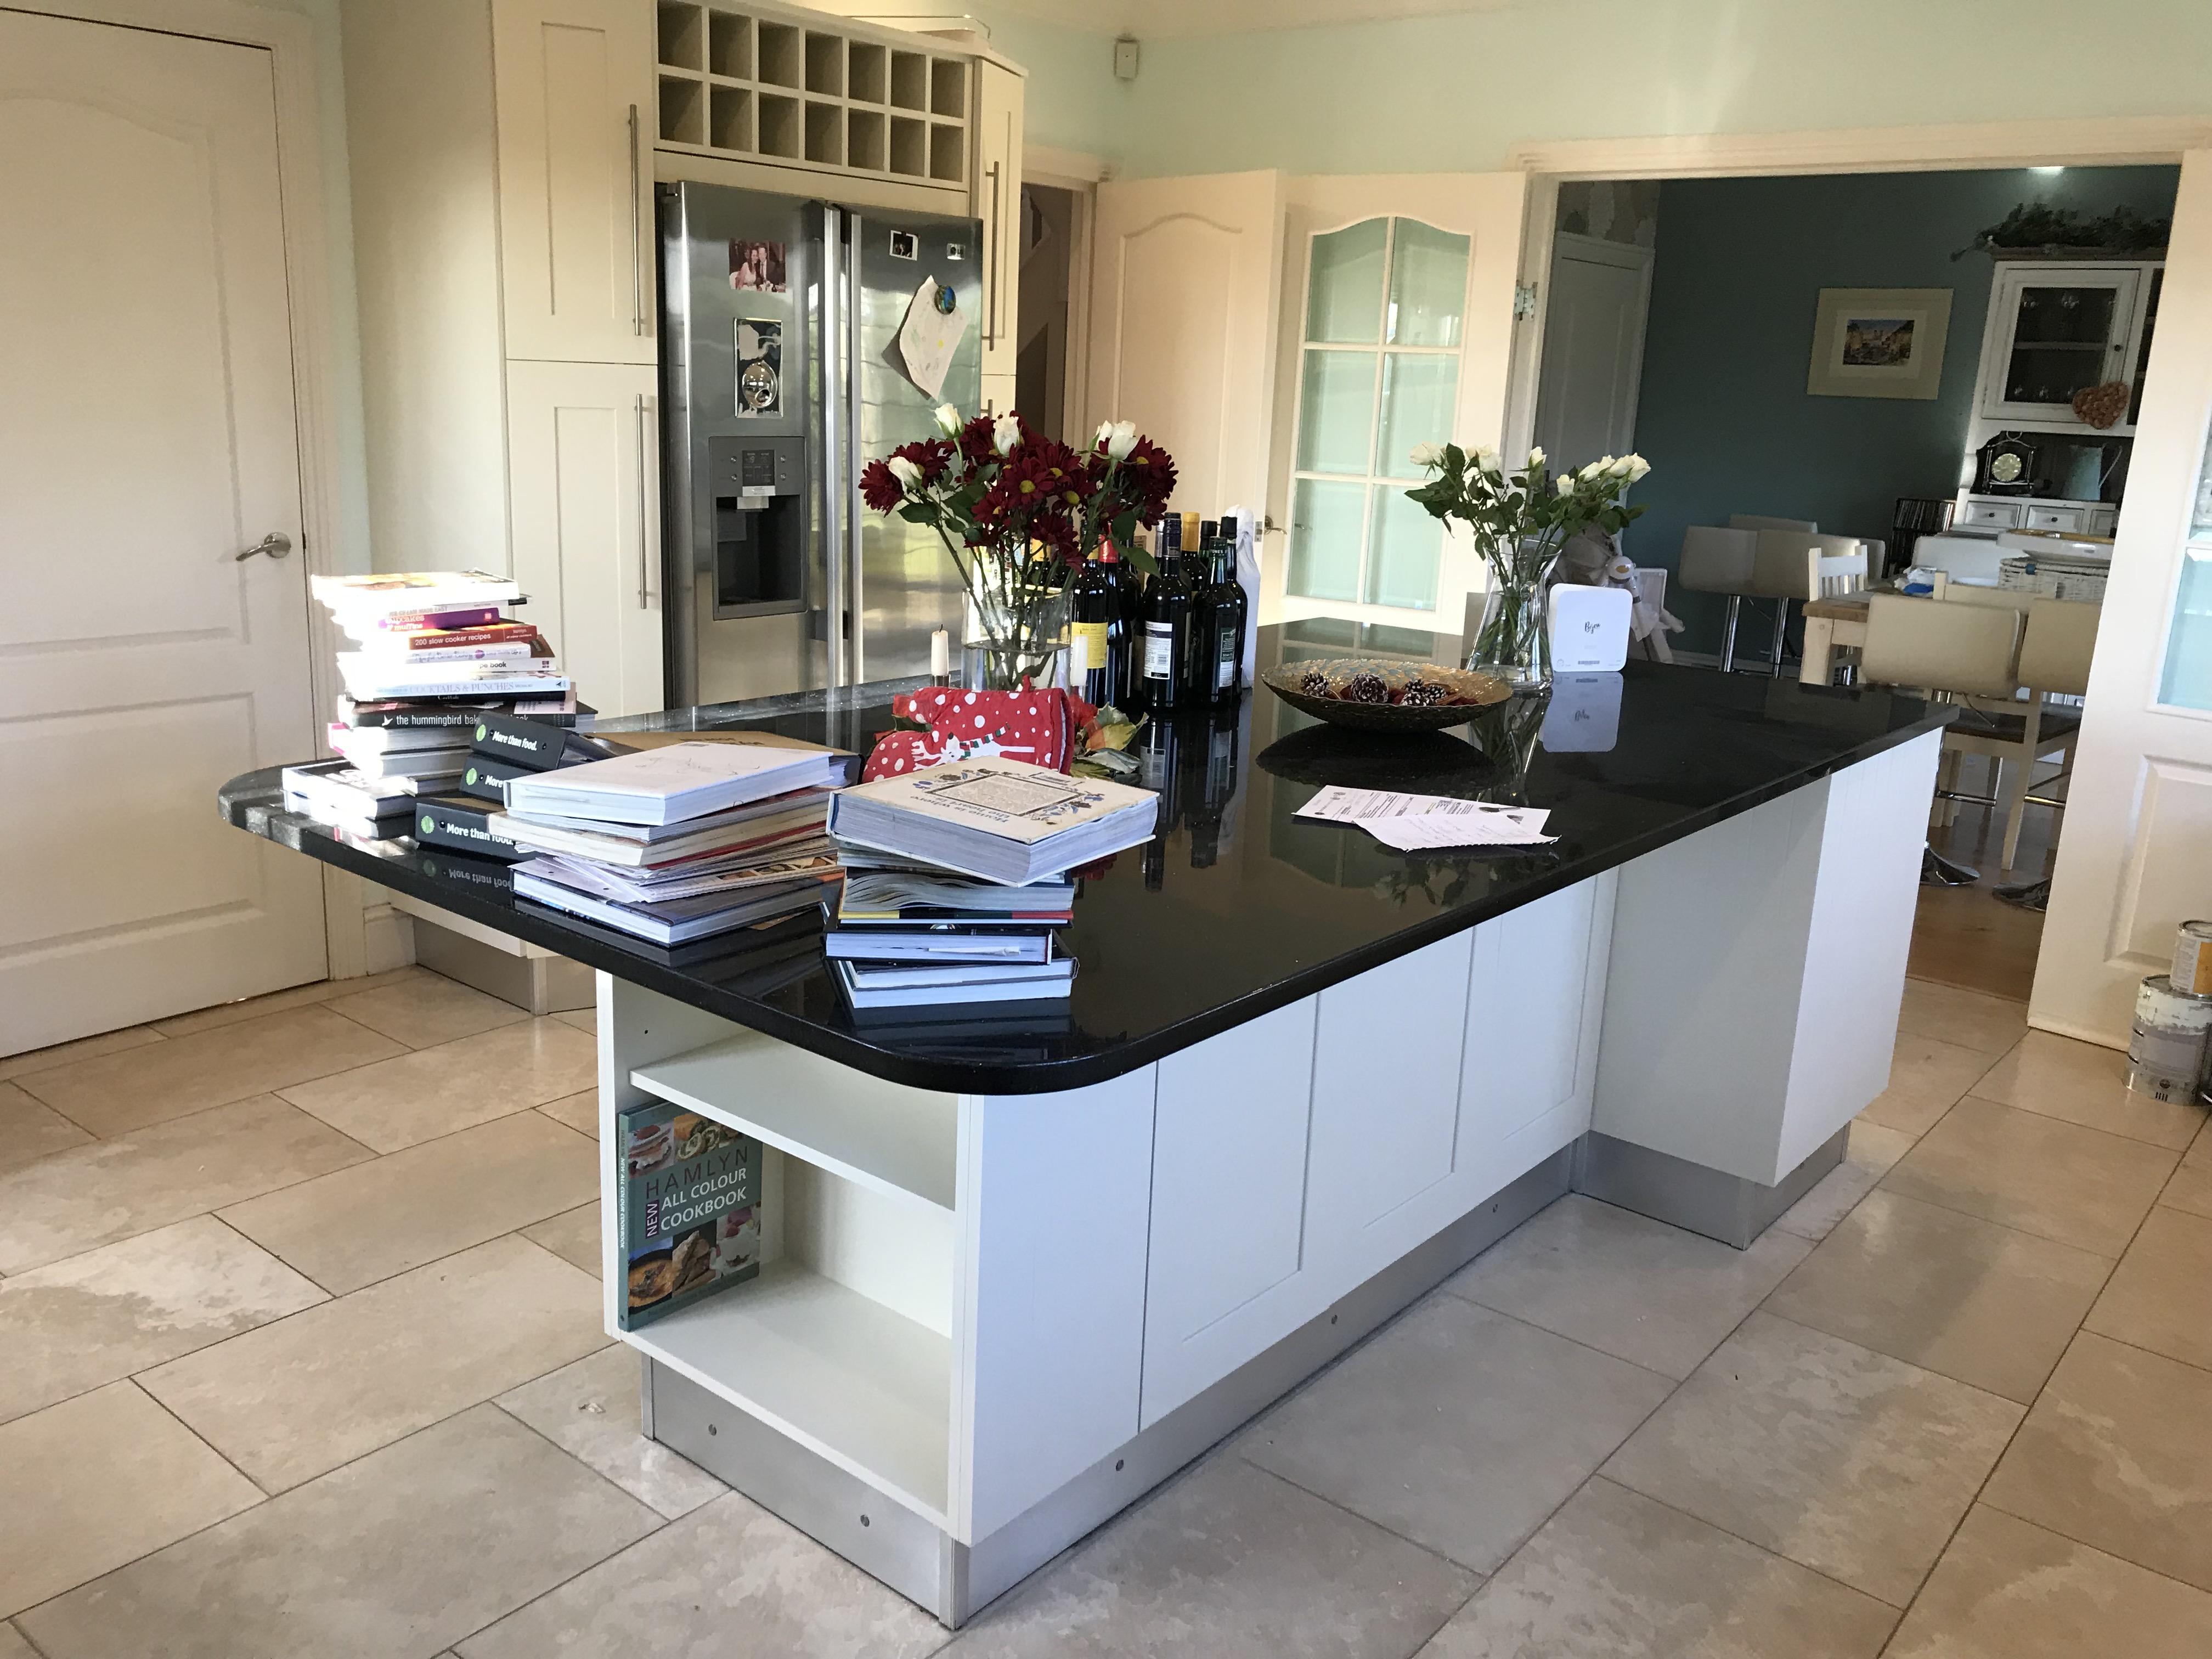 Kitchen cabinet painter Tring Hertfordshire